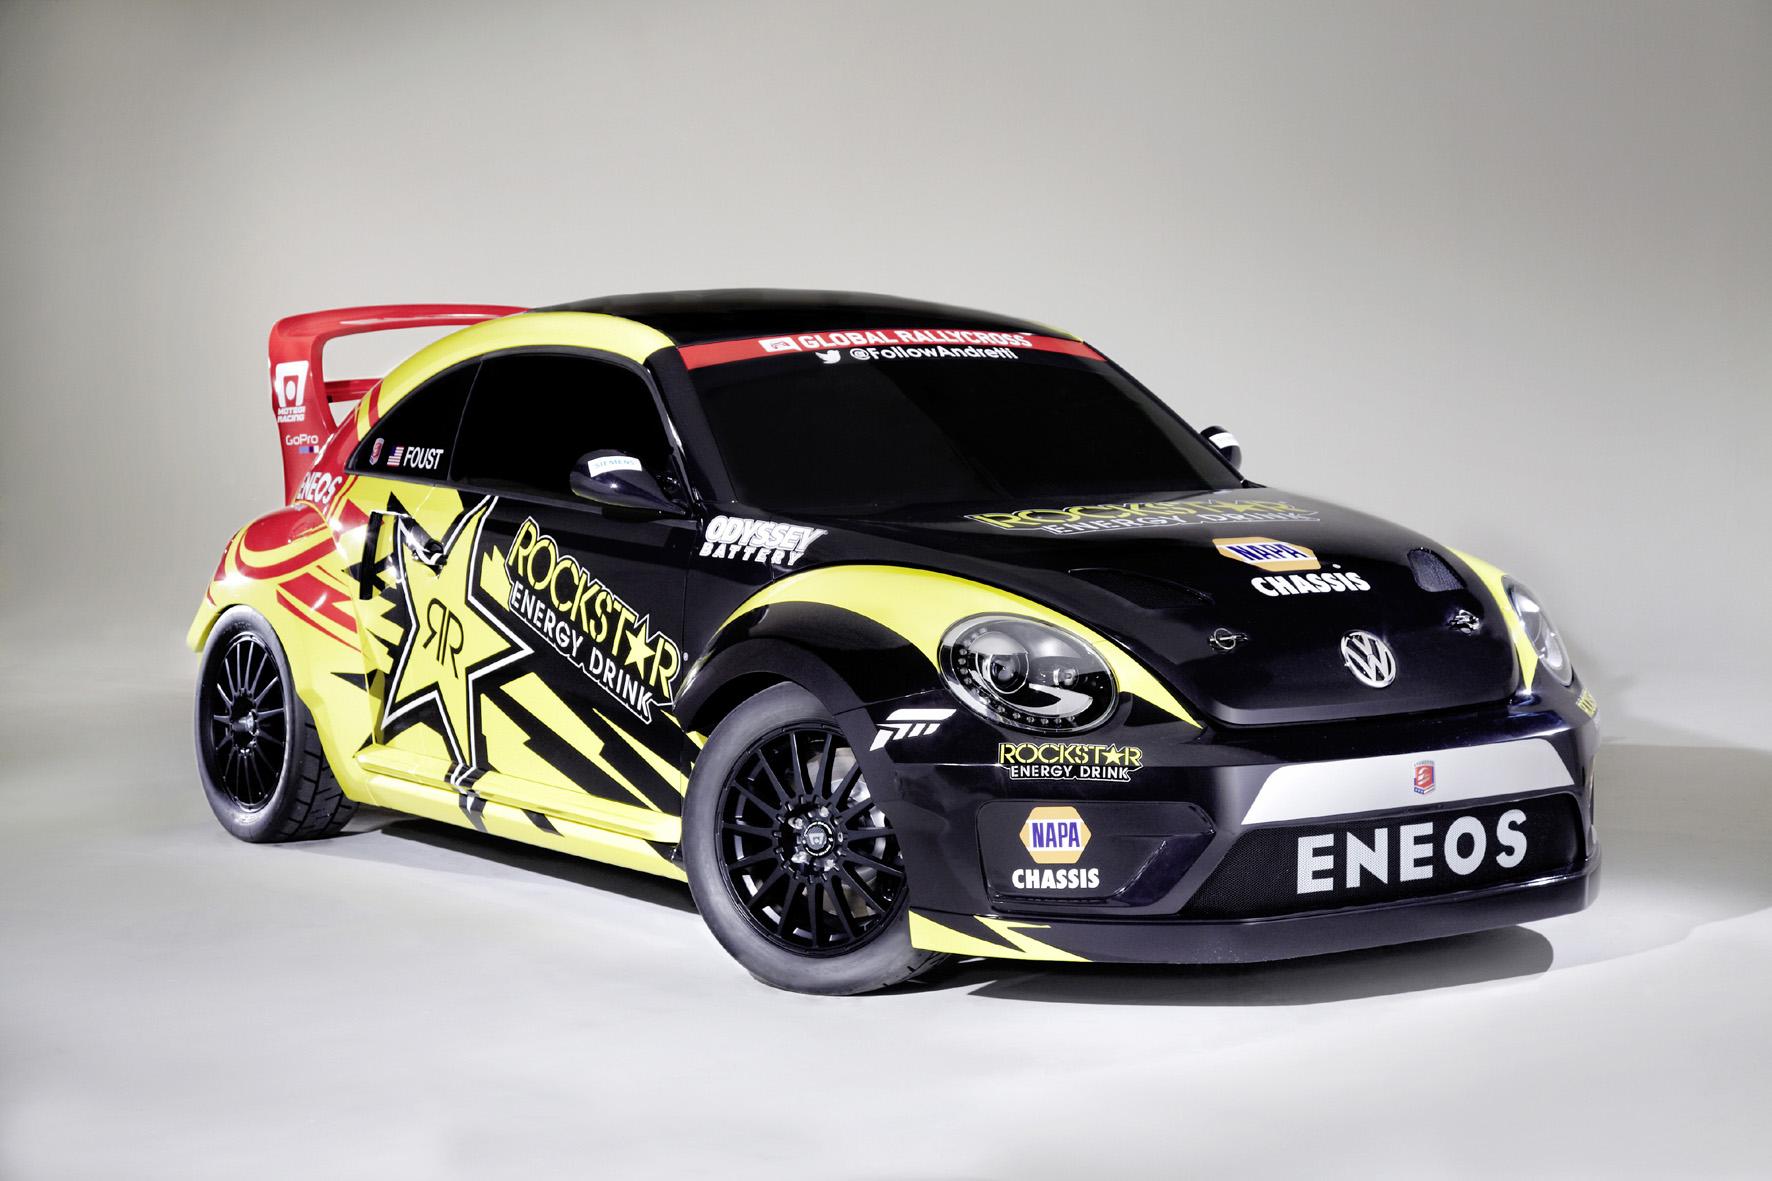 Beetle in Schwarz/Gelb mit 412 kW/560 PS